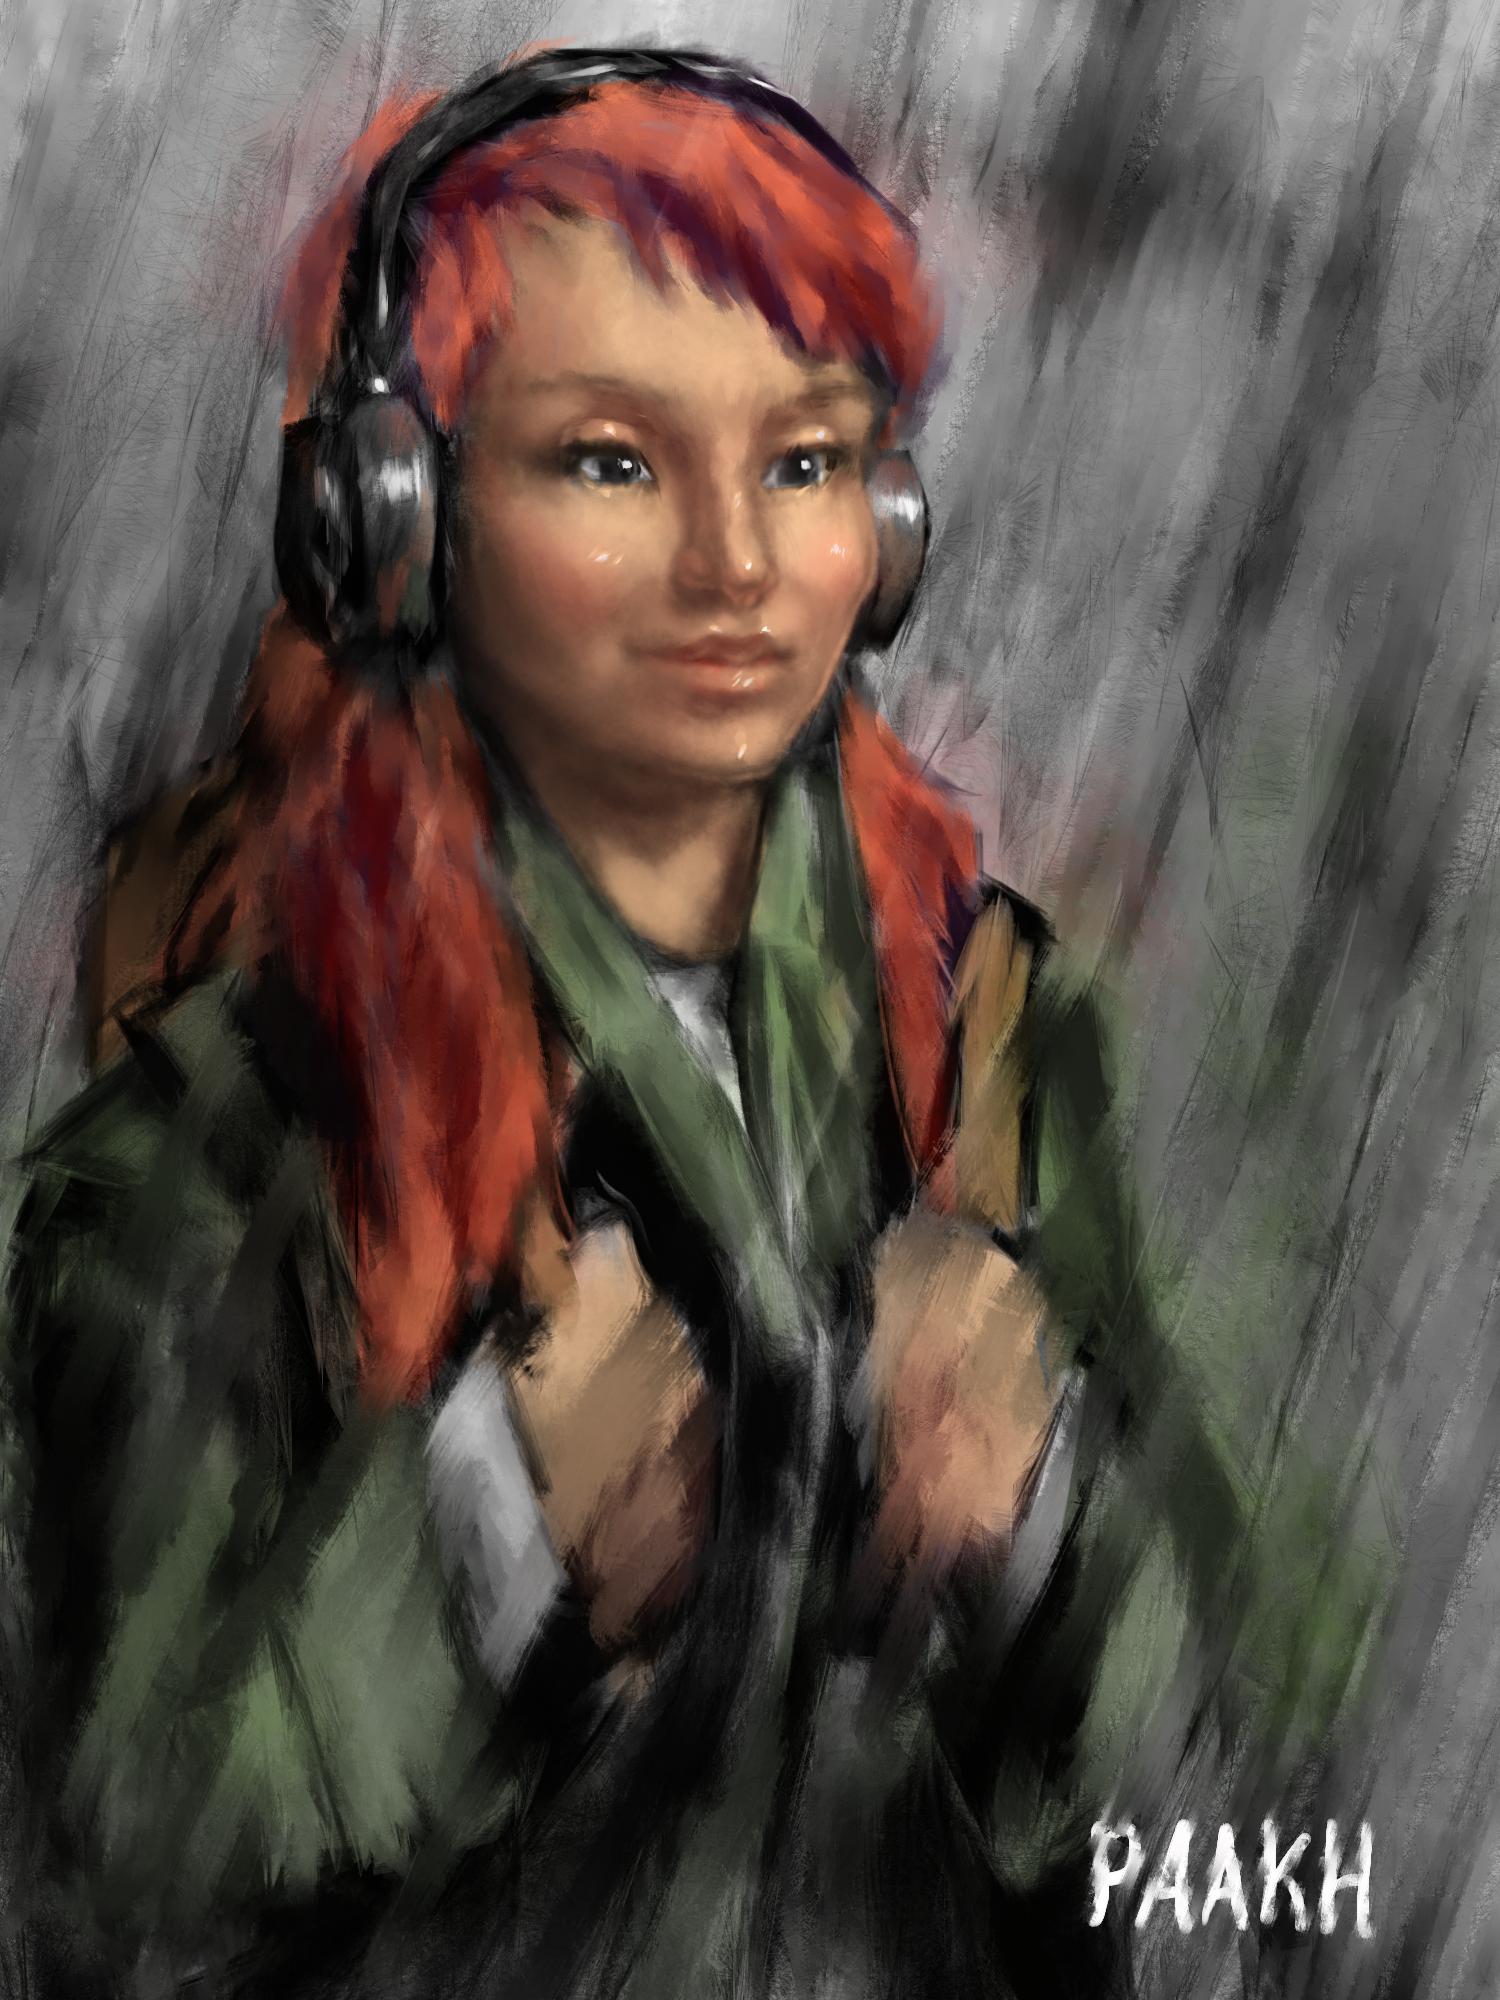 A Little Rain Never Hurt Anyone